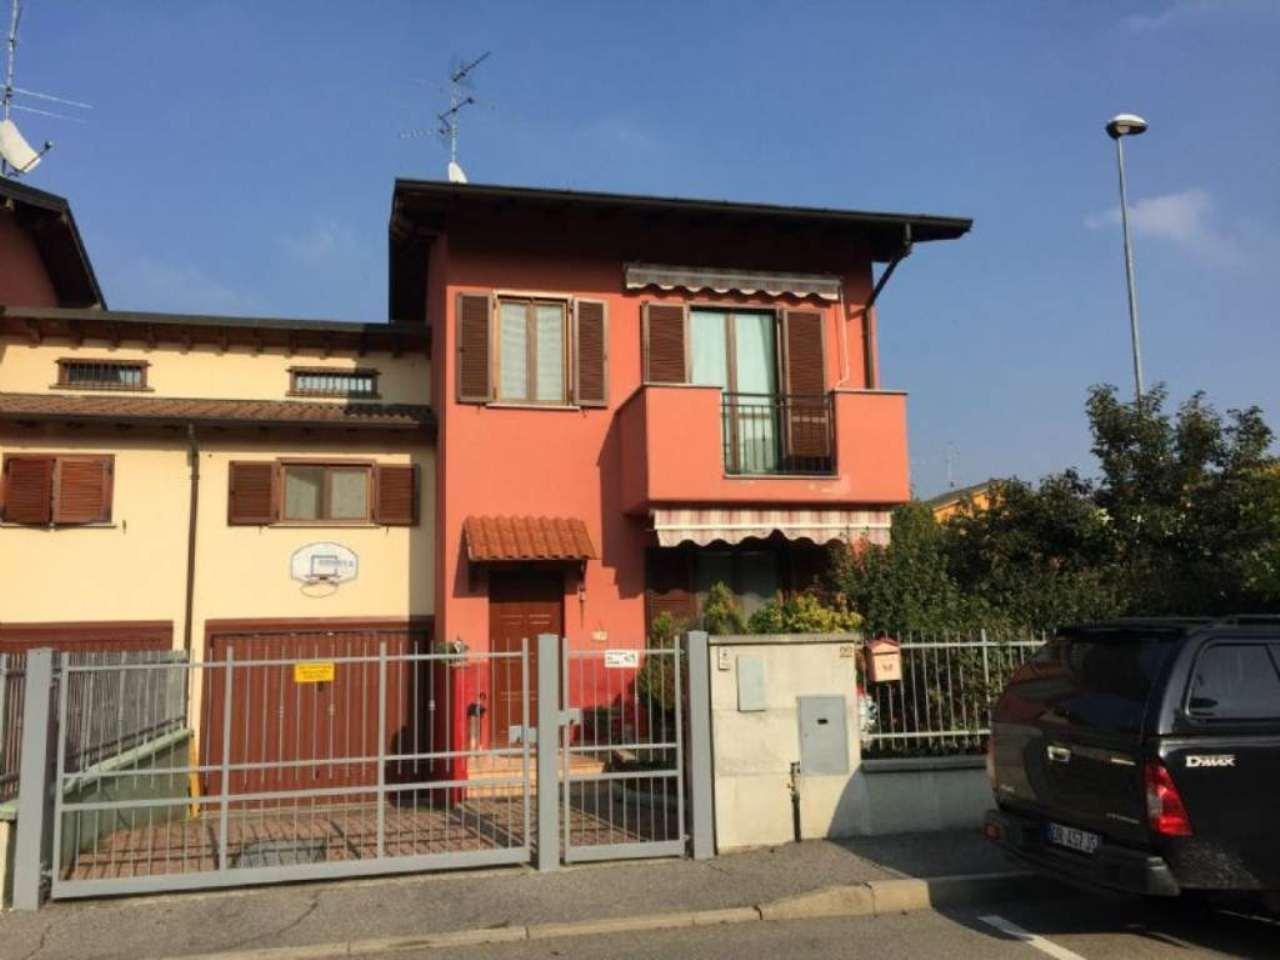 Villa Bifamiliare in vendita a Ospedaletto Lodigiano, 4 locali, prezzo € 170.000 | Cambio Casa.it